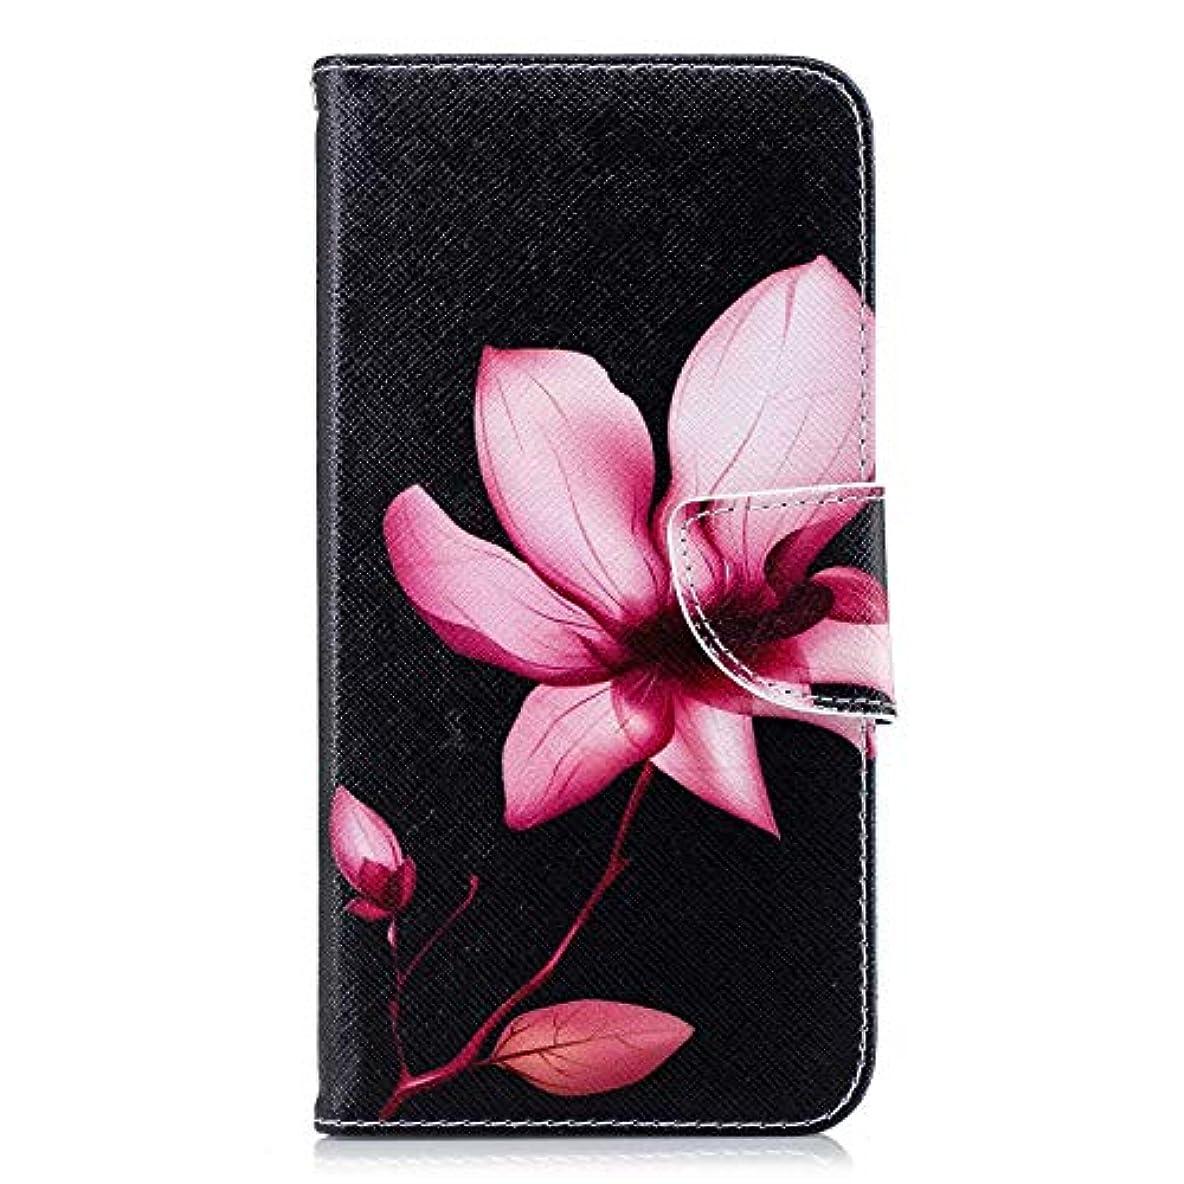 放つヘビー極めて重要なOMATENTI iPhone XS Max ケース, ファッション人気 PUレザー 手帳 軽量 電話ケース 耐衝撃性 落下防止 薄型 スマホケースザー 付きスタンド機能, マグネット開閉式 そしてカード収納 iPhone XS Max 用 Case Cover, 花